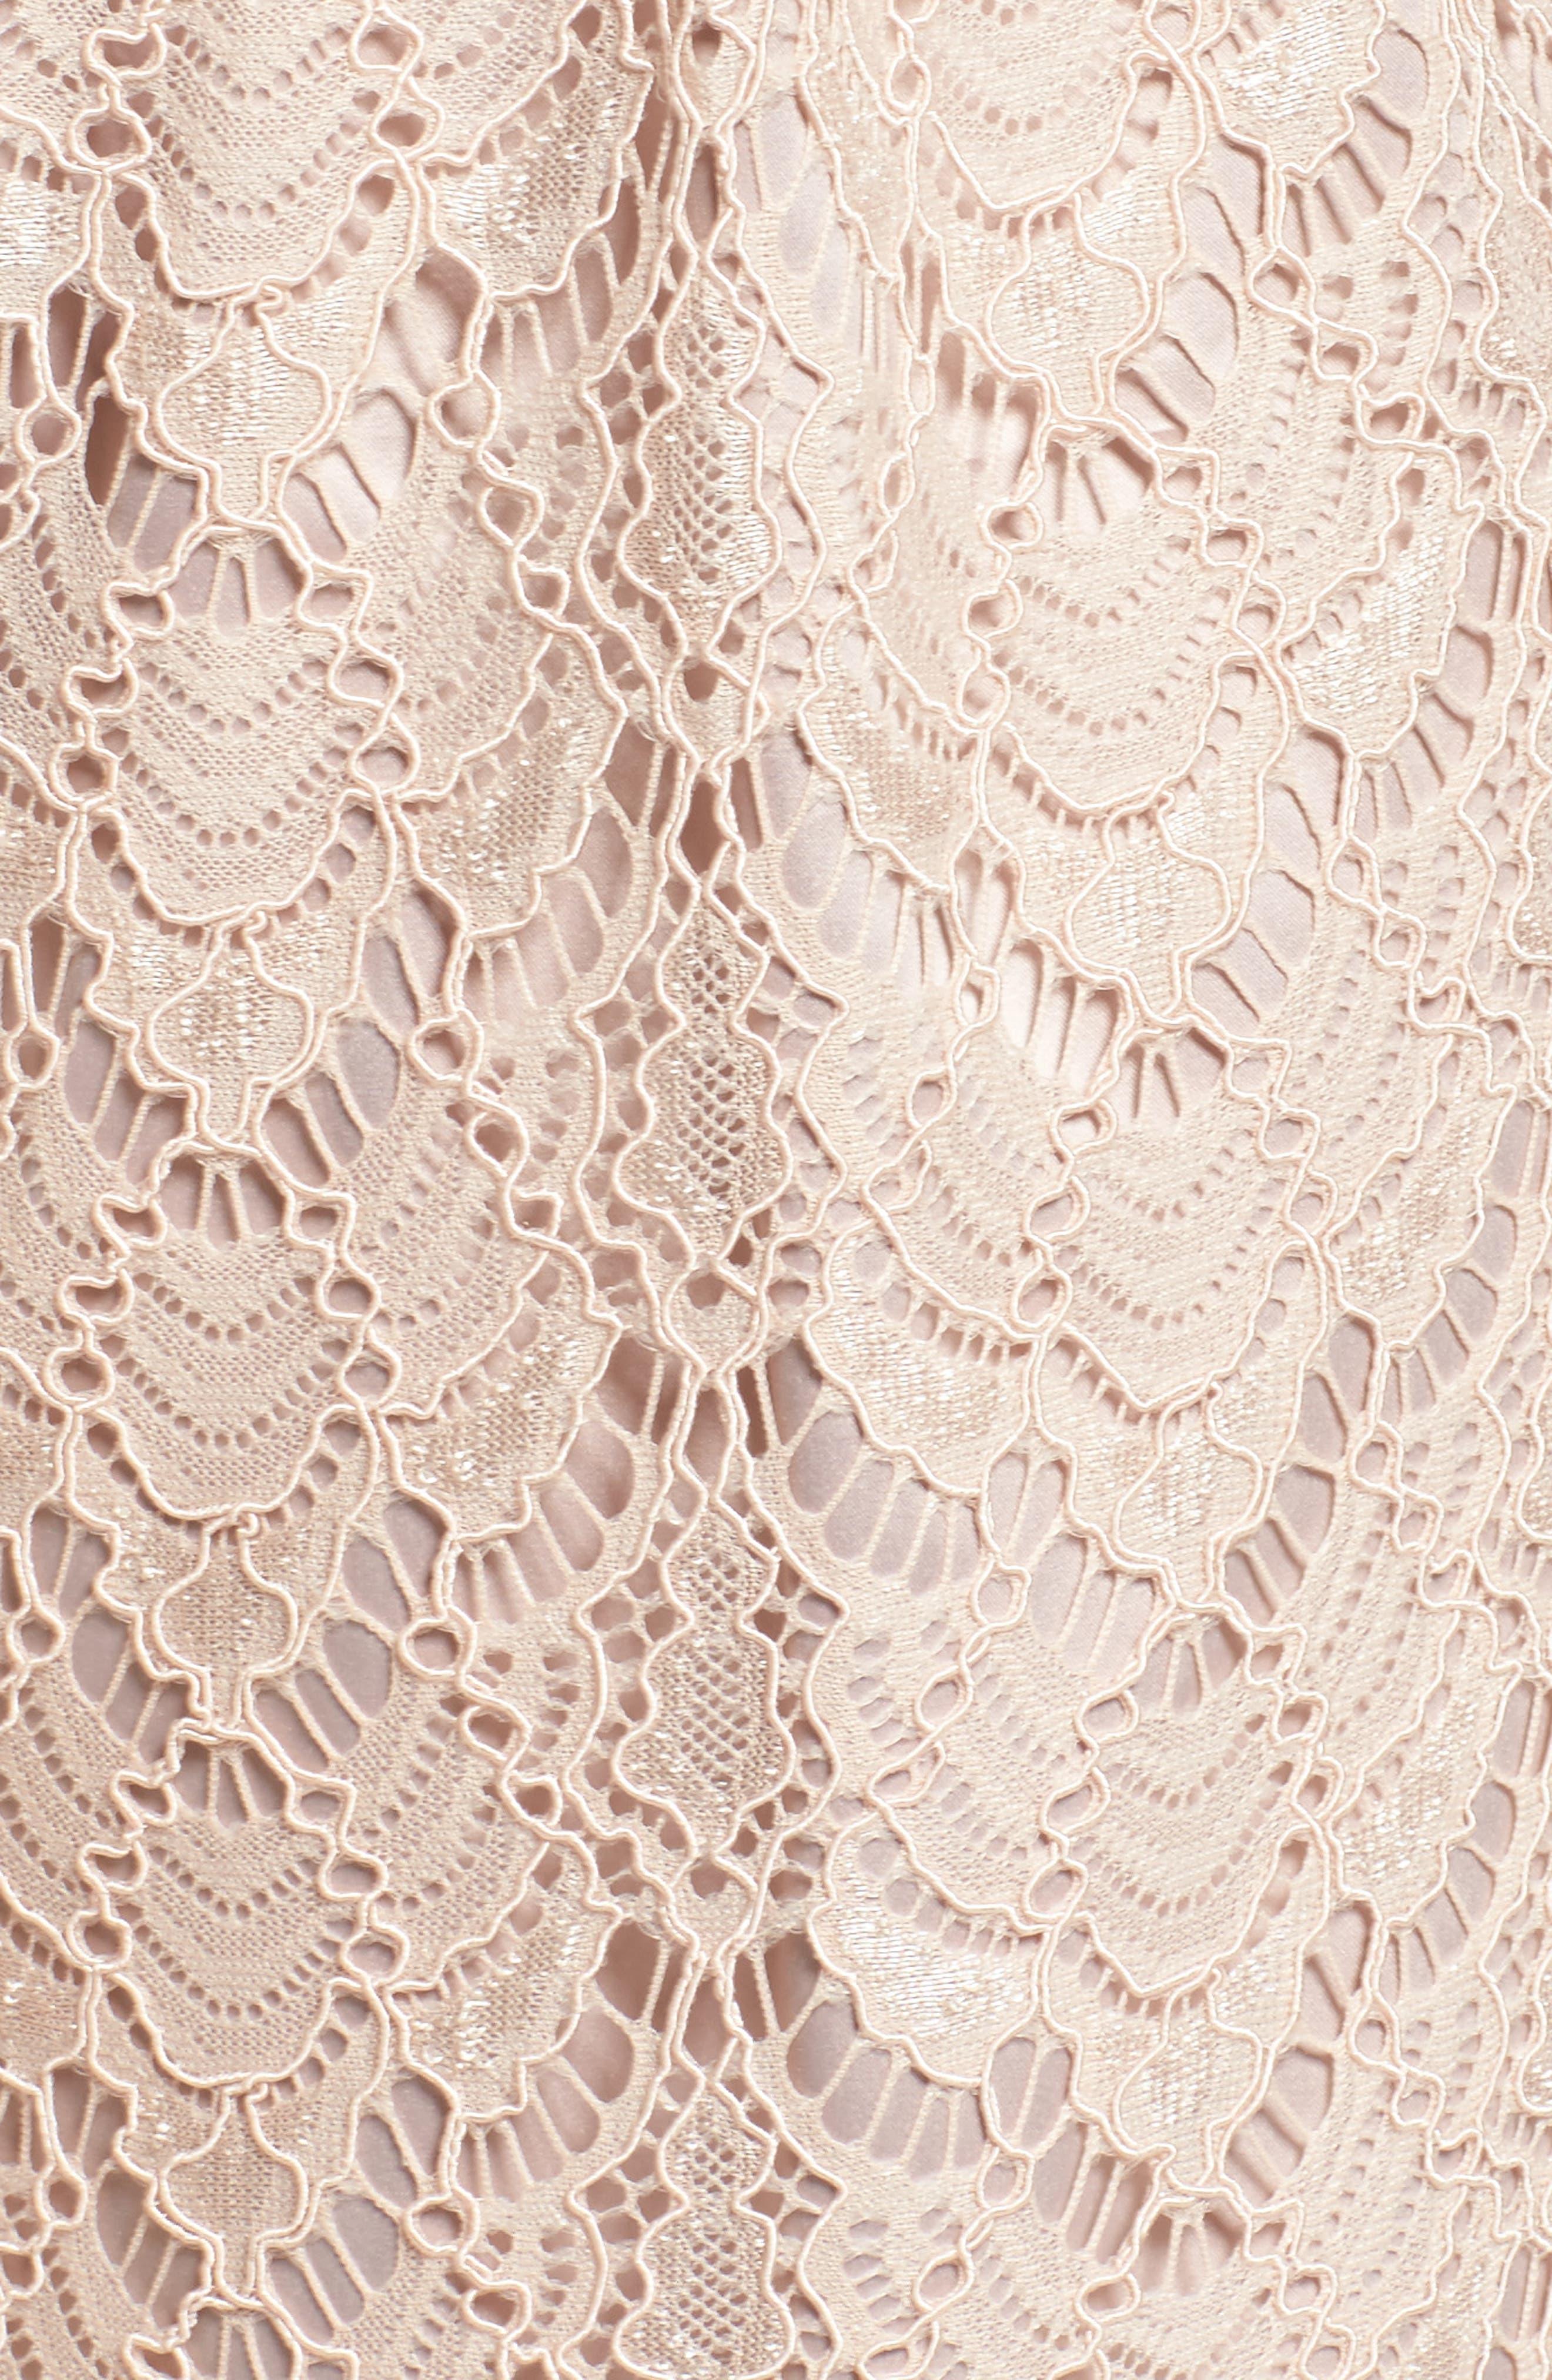 Lace Culottes,                             Alternate thumbnail 5, color,                             655